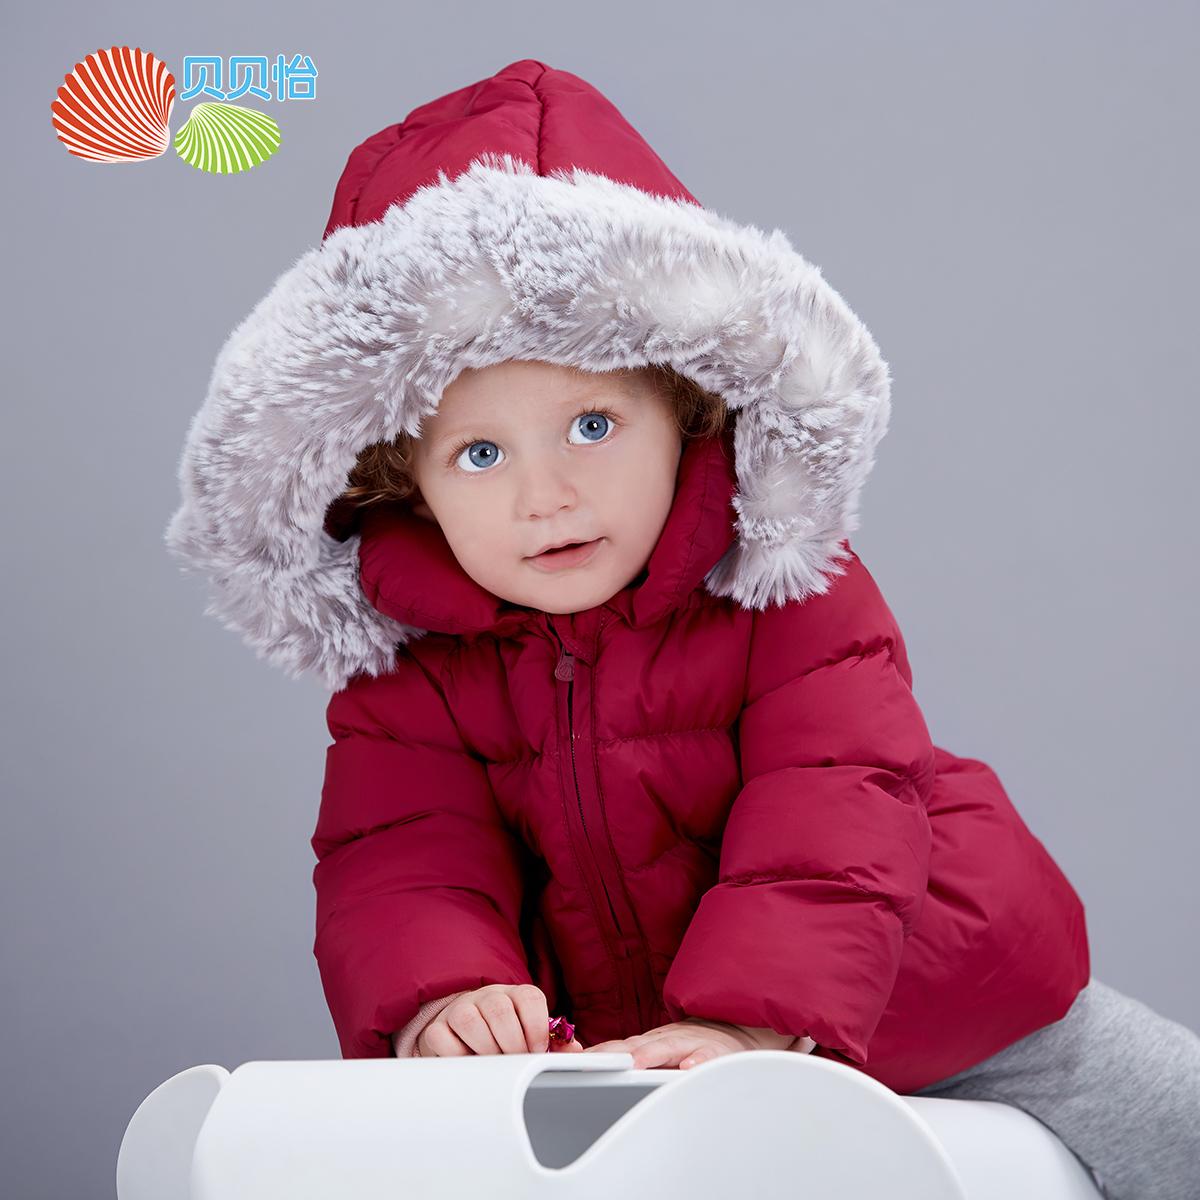 贝贝怡童装儿童棉服冬季新款女童连帽短款棉衣棉袄保暖外套加厚图片